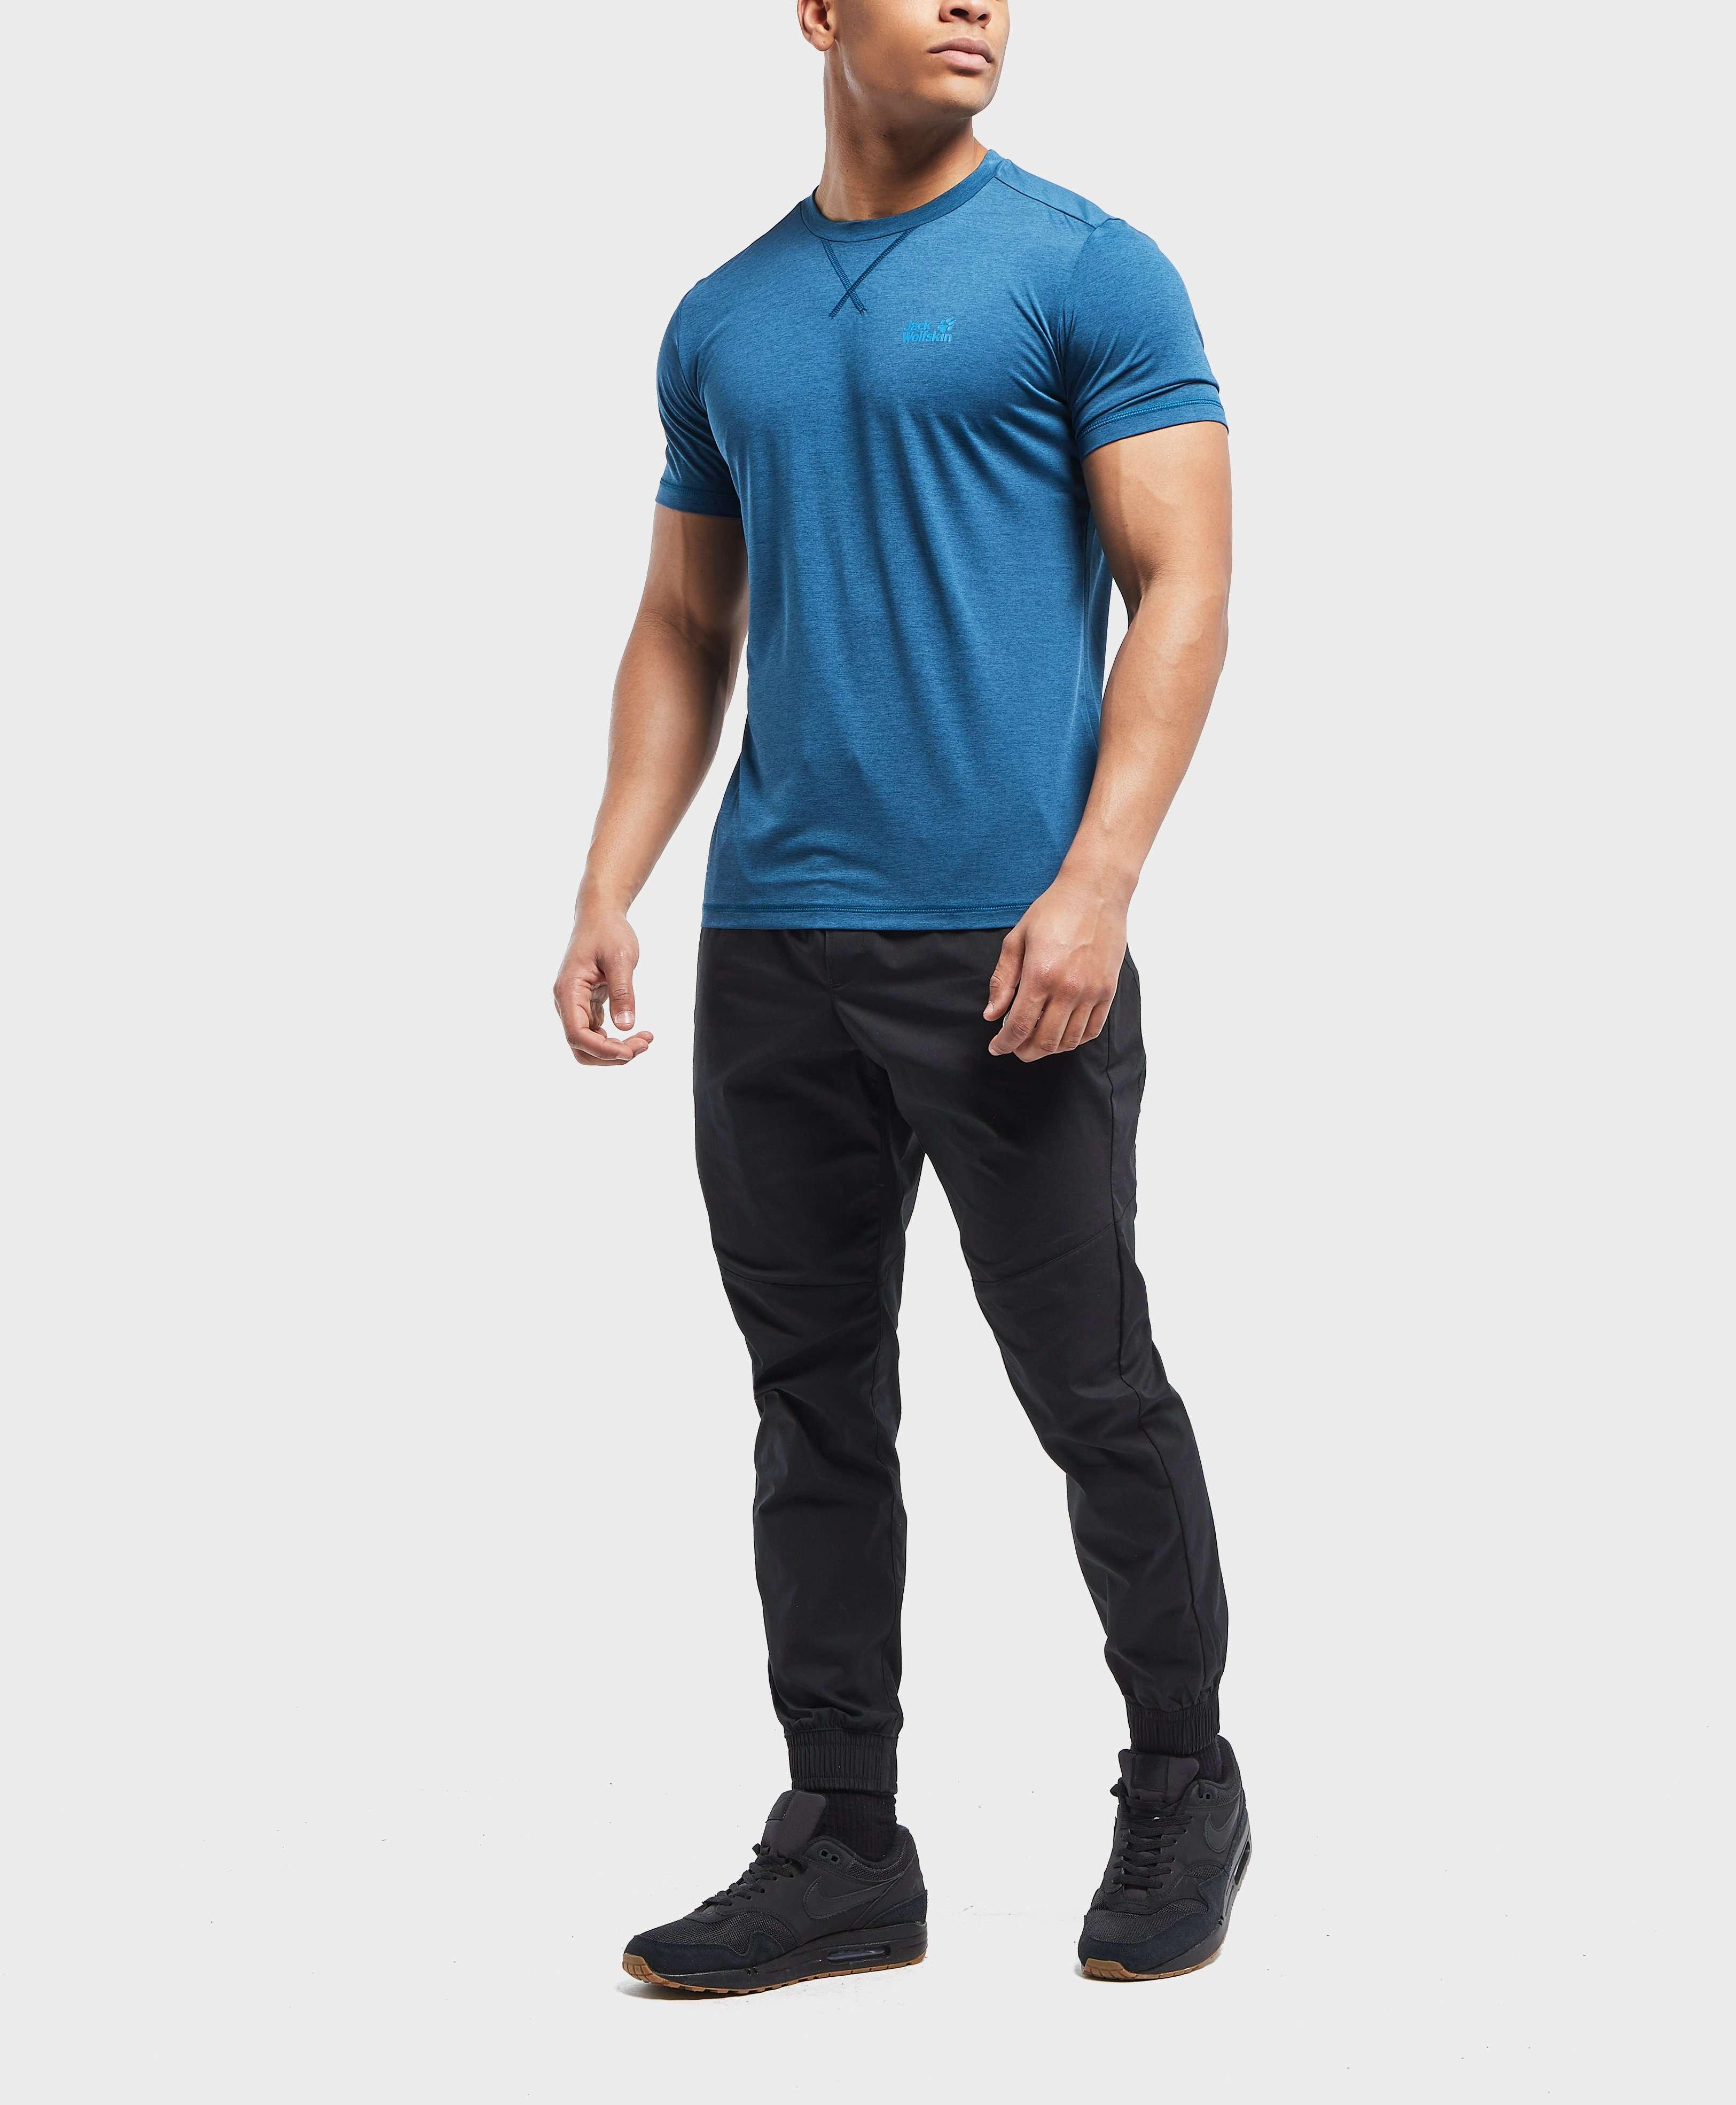 Jack Wolfskin Xtrail Short Sleeve T-Shirt